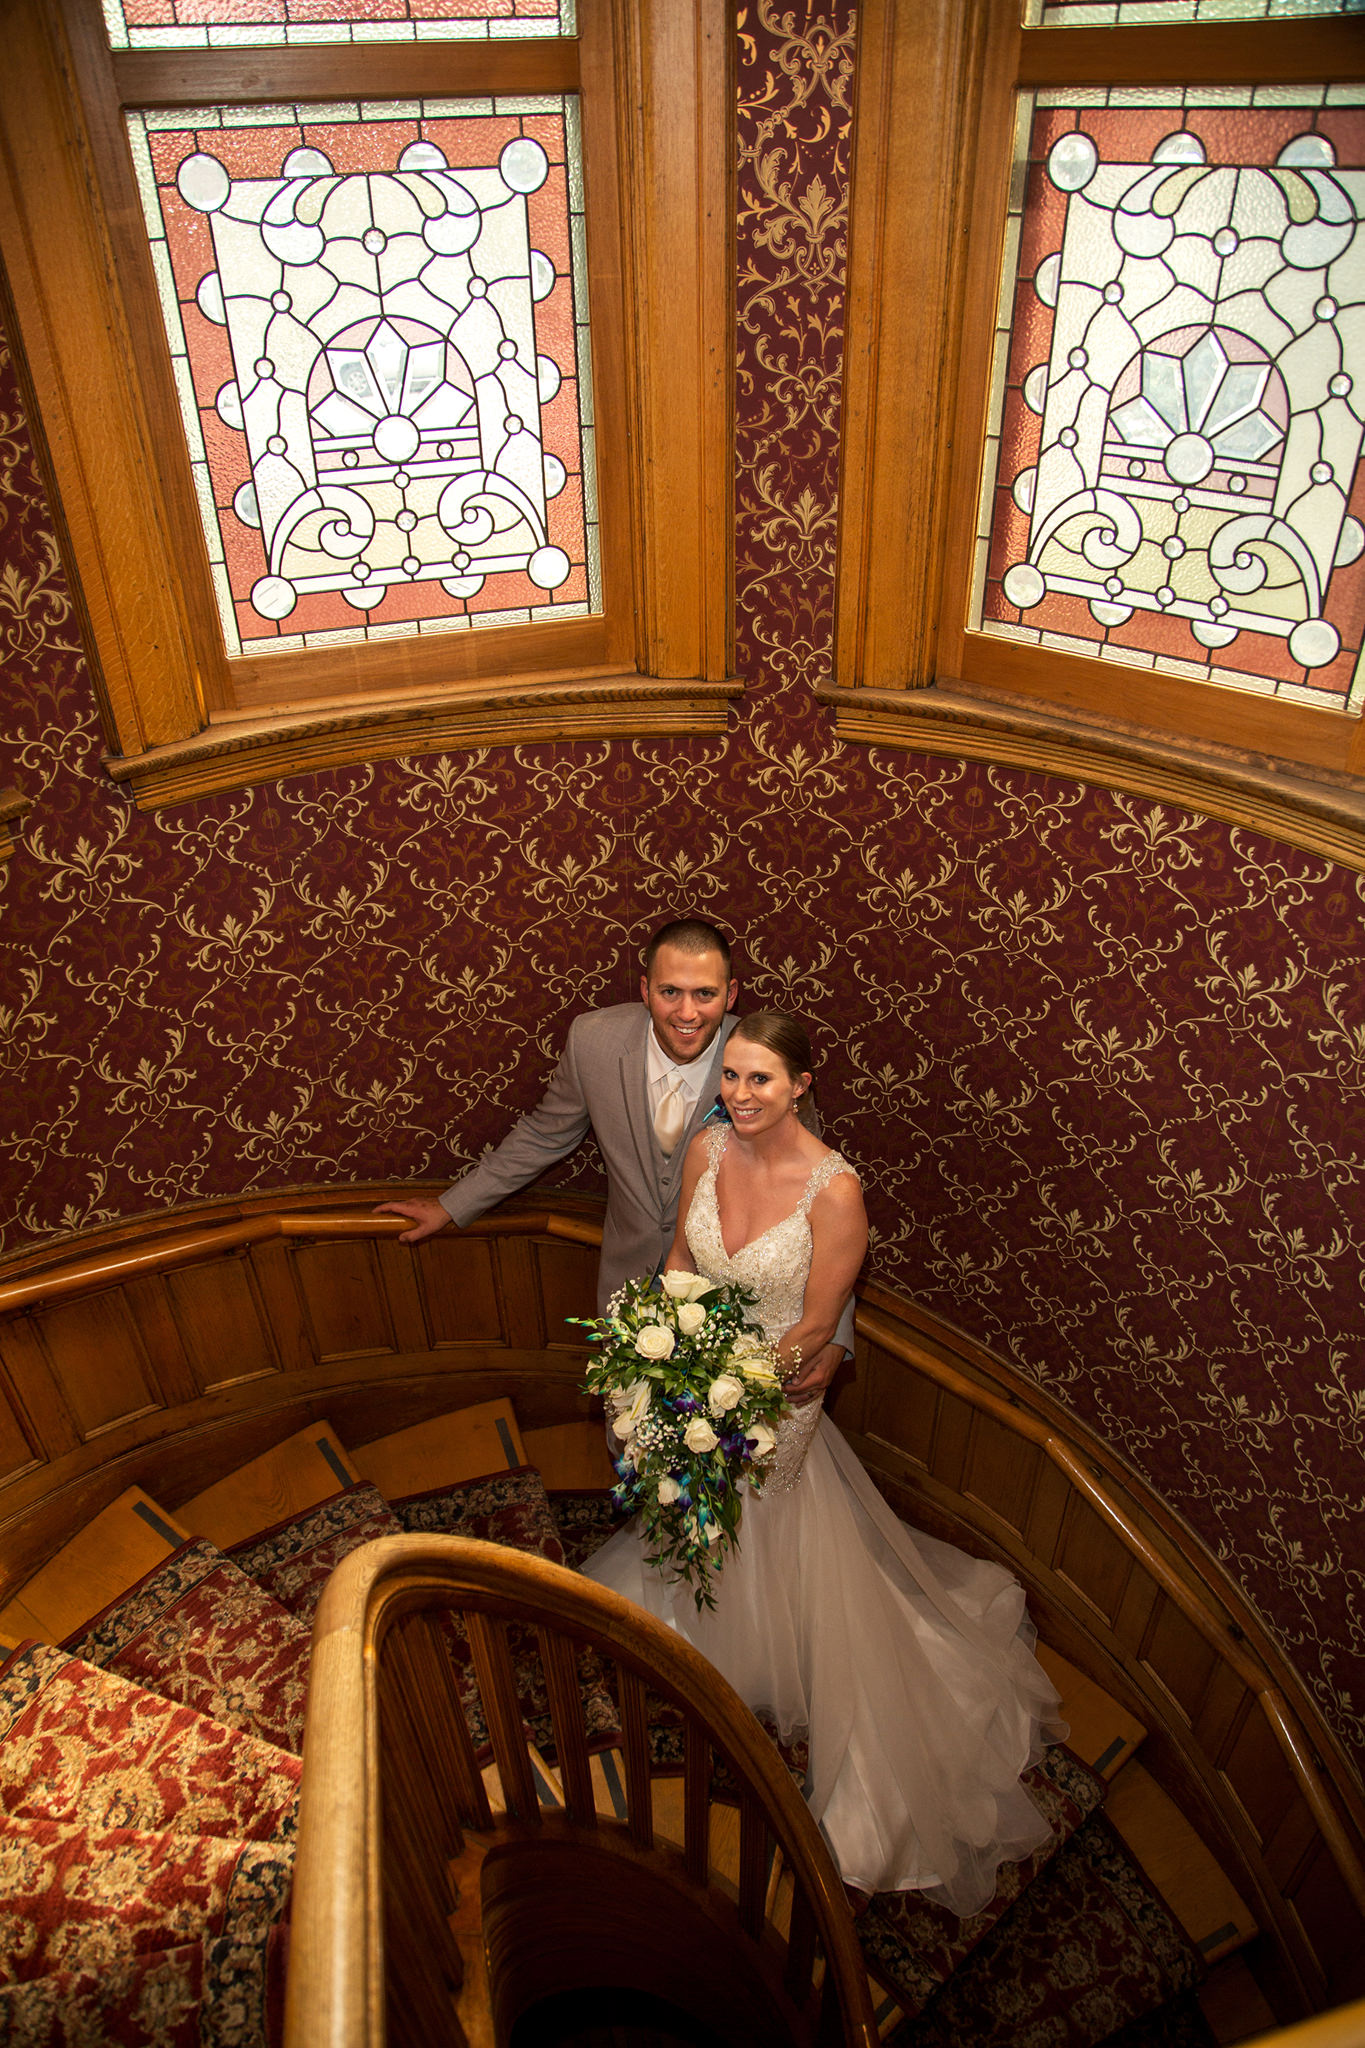 marchese_wedding_504 copy